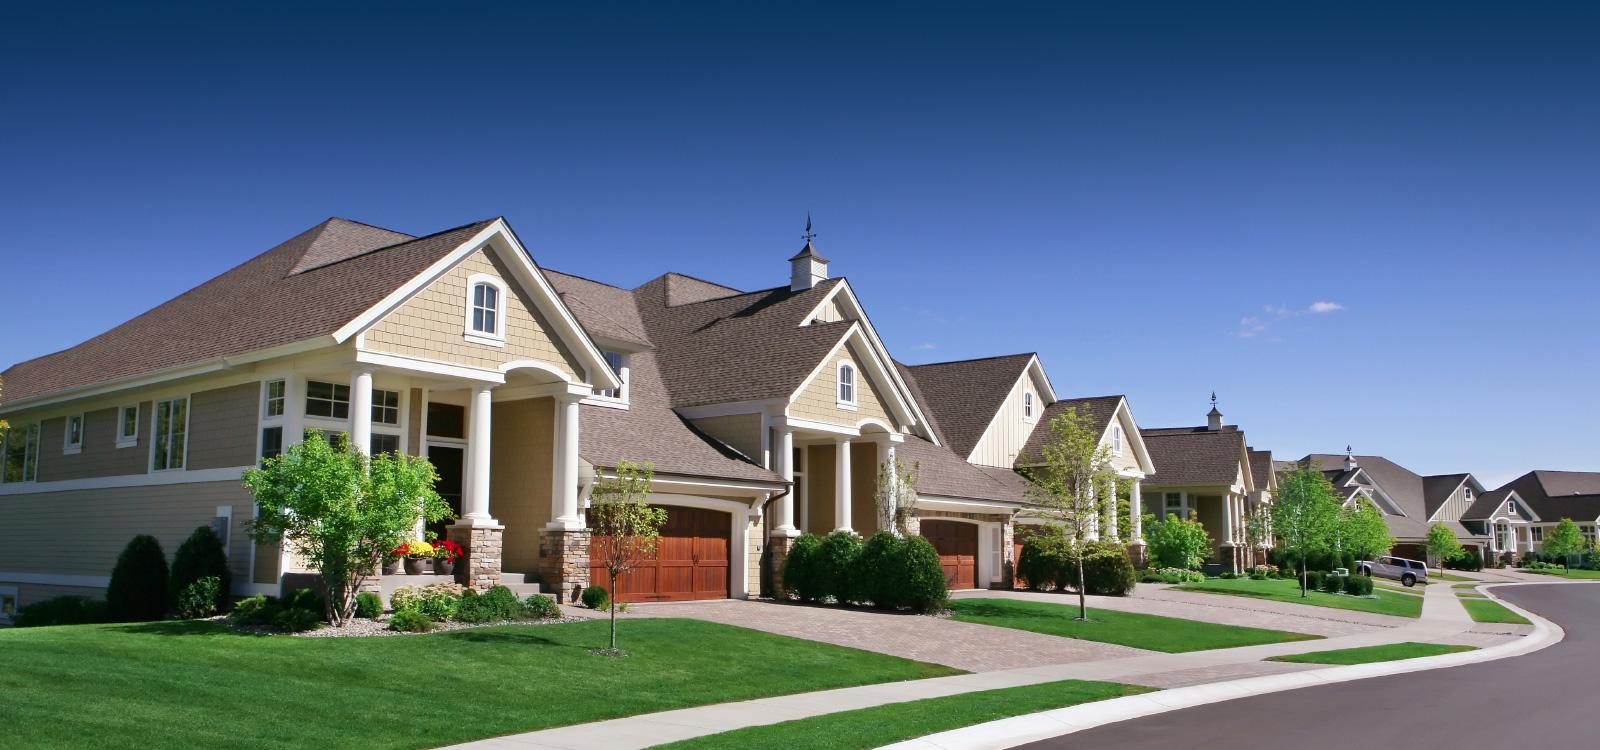 Home Inspection Checklist in Colorado Springs